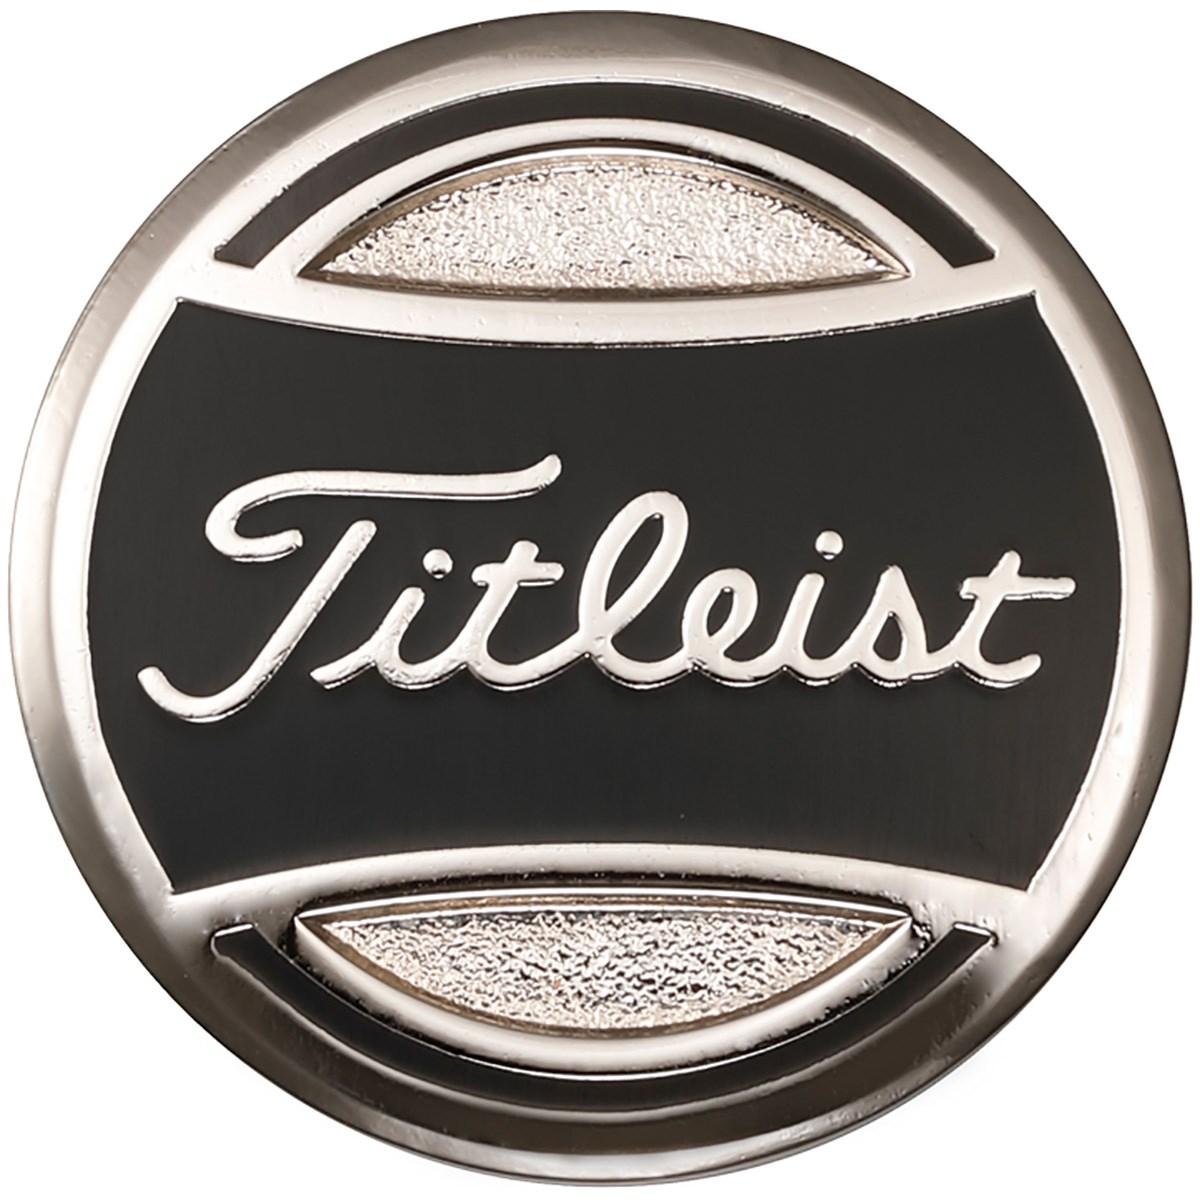 [2021年モデル] タイトリスト TITLEIST カジュアルスポーツ クリップマーカー ブラック メンズ ゴルフ